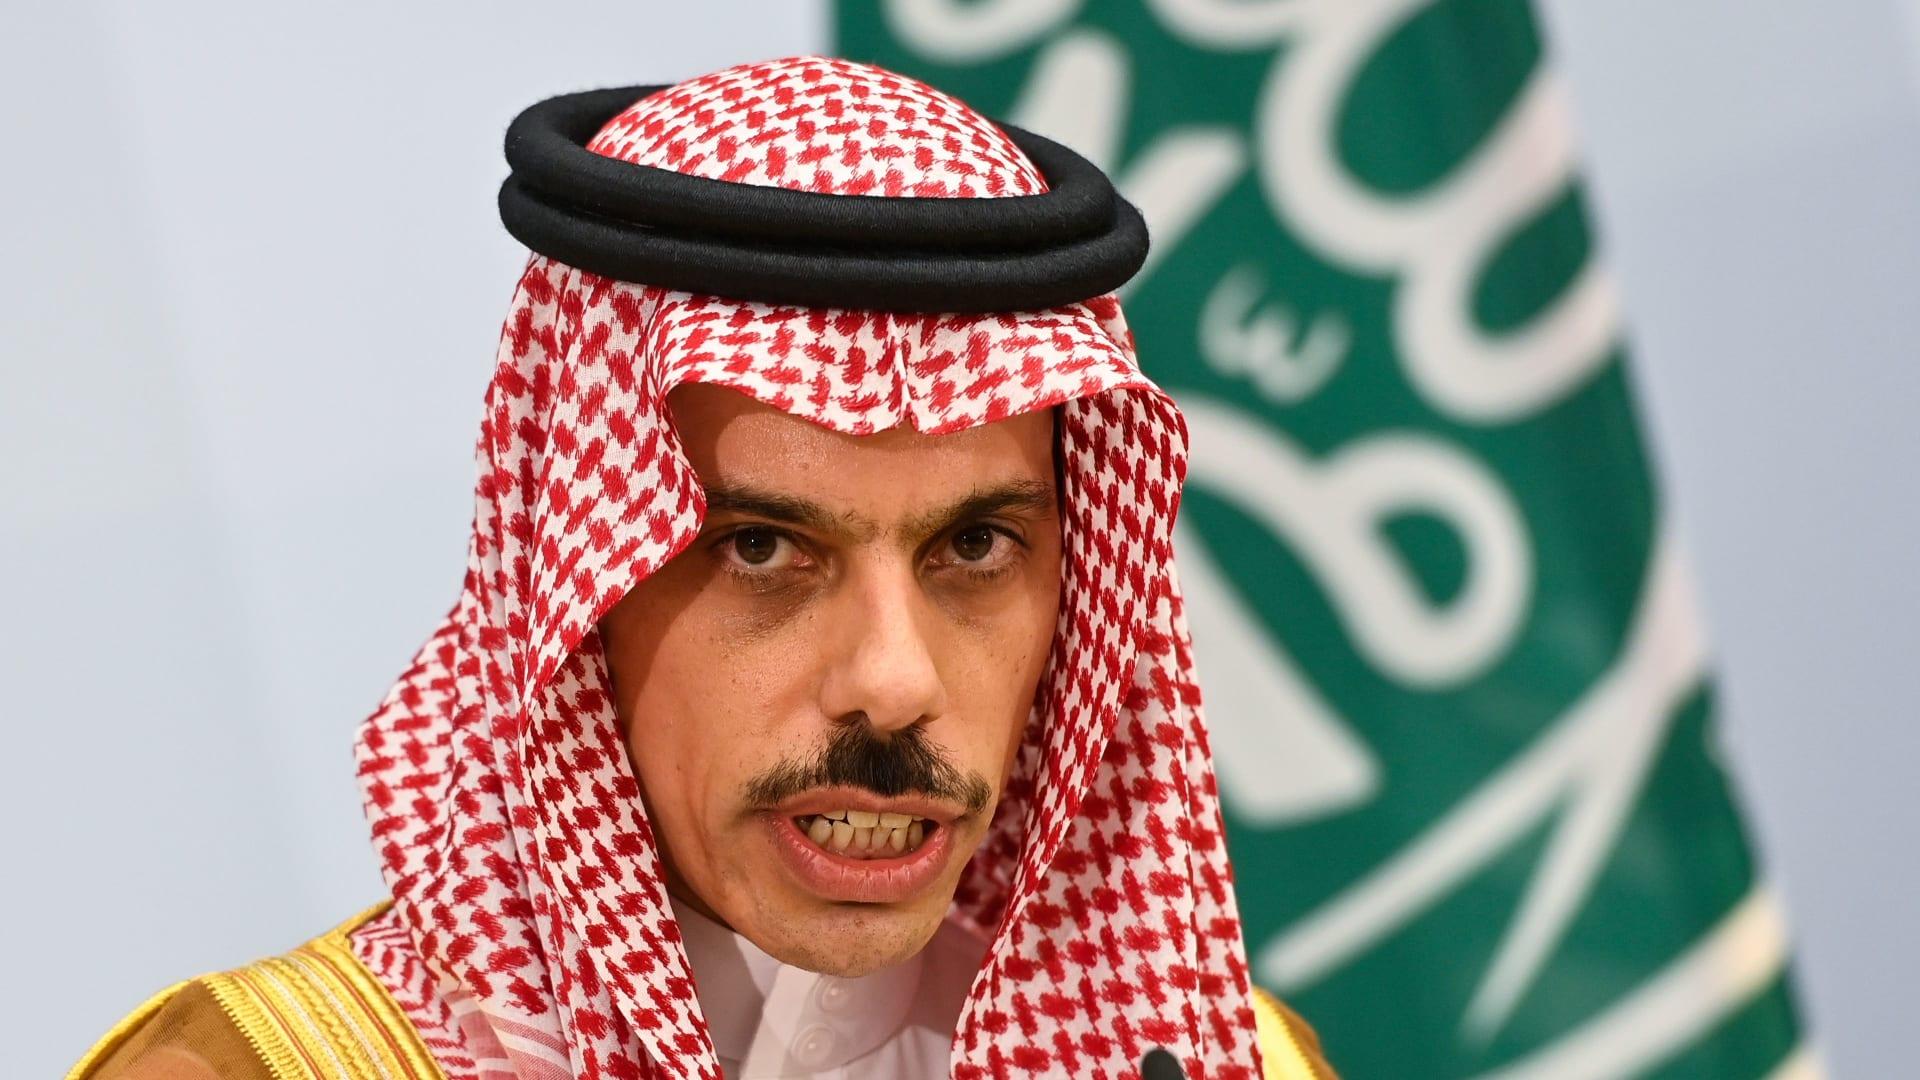 شاهد.. لحظة اعتراض الدفاعات الجوية السعودية صاروخًا باليستيًا فوق الرياض